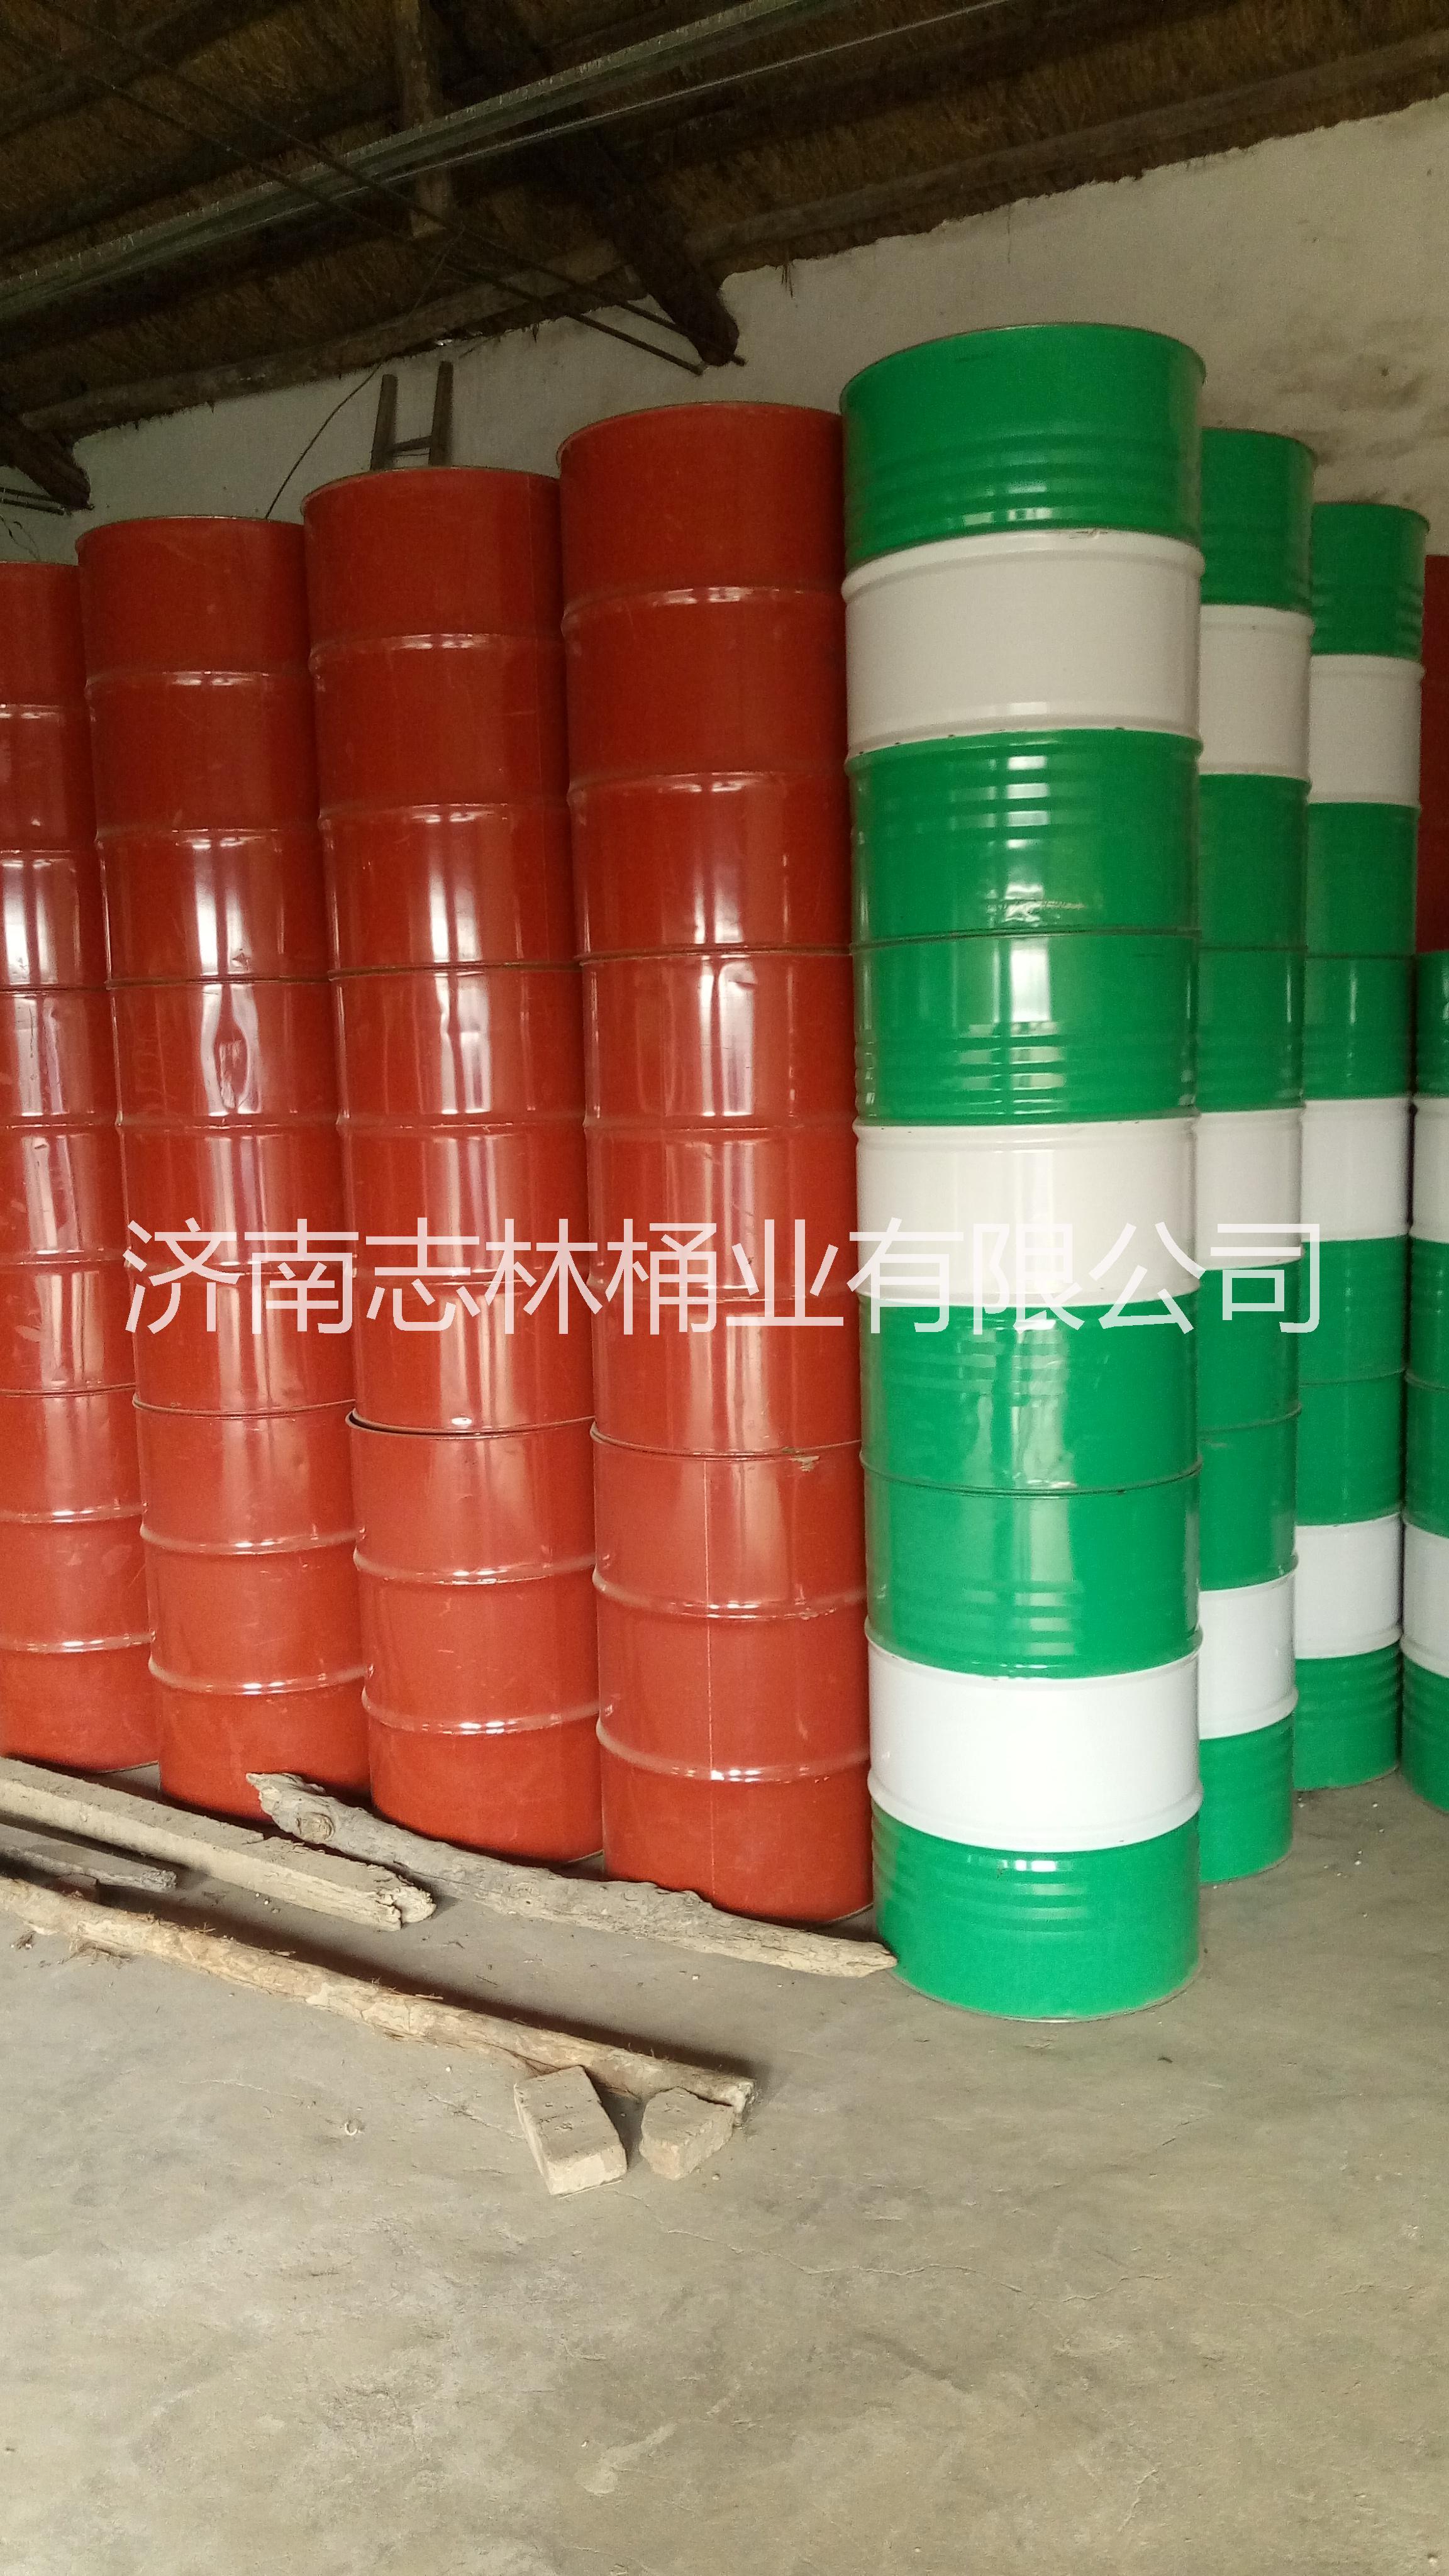 200l翻新铁桶 化工桶镀锌桶价格